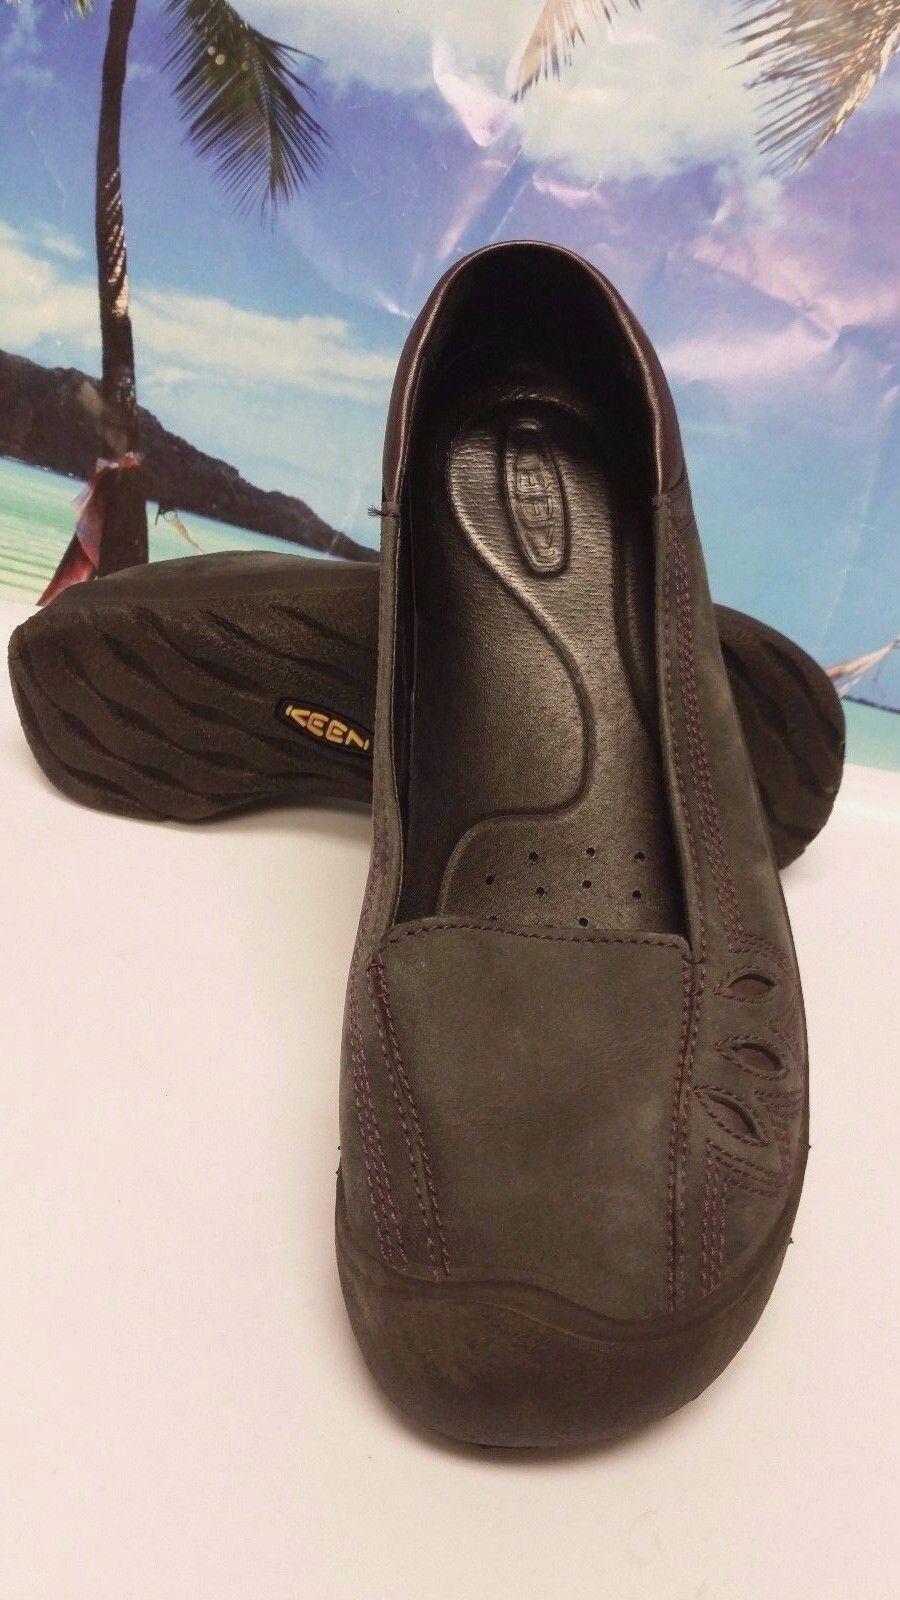 Keen Femme Résistant à l'eau en cuir grise Grip Travail Chaussure US 6.5 EU 37